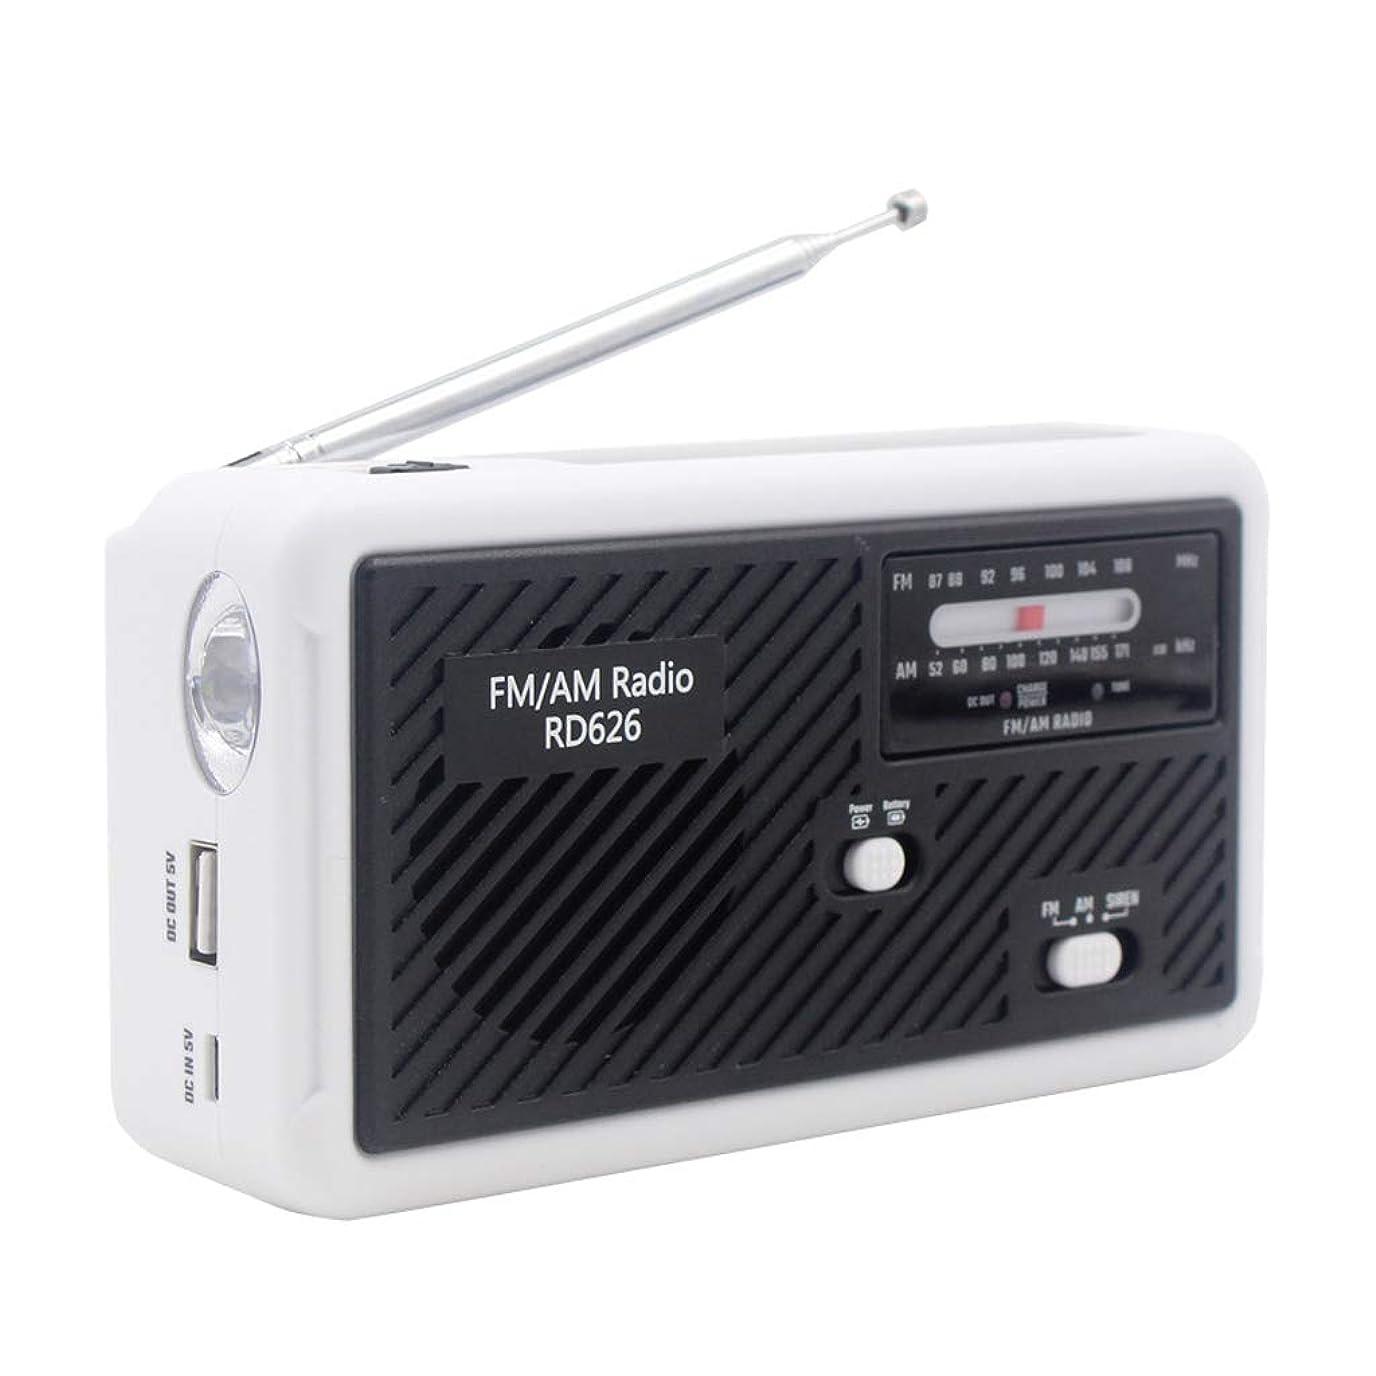 緩やかな助けて青AM/FMソーラーラジオハンドクランク 懐中電灯付 緊急警報 緊急電話チャージャー機能付 多機能